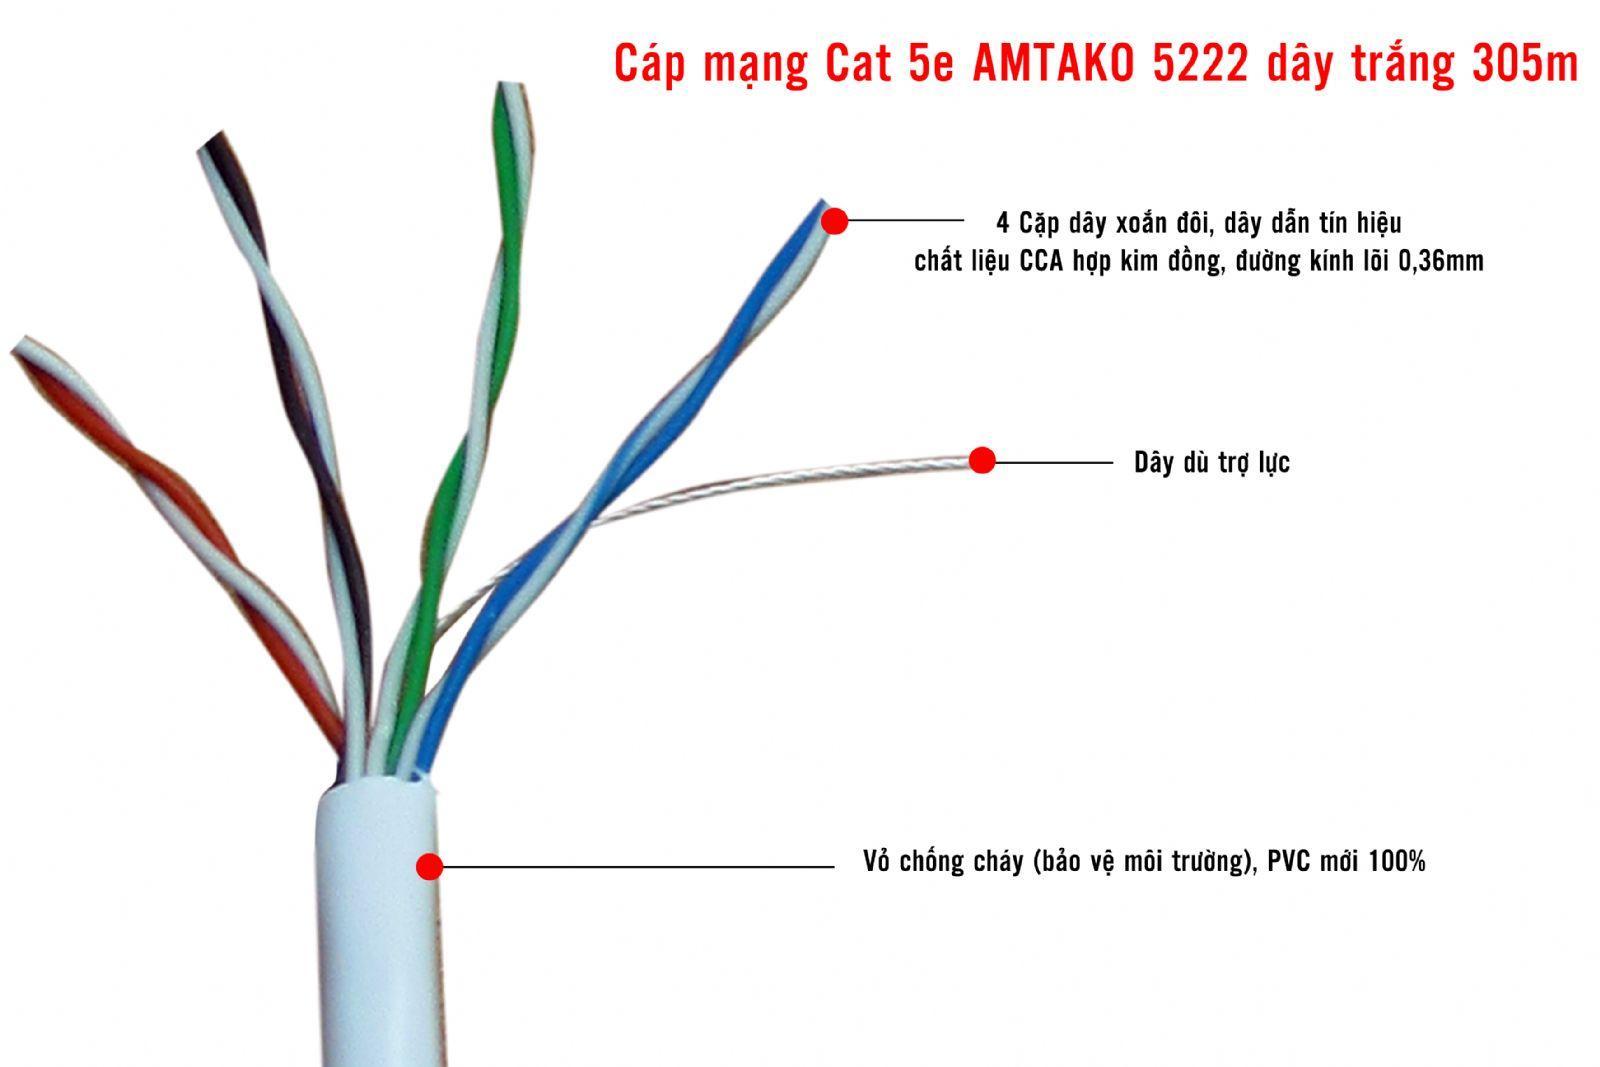 Cáp mạng UTP Cat 5e AMTAKO Chính hãng